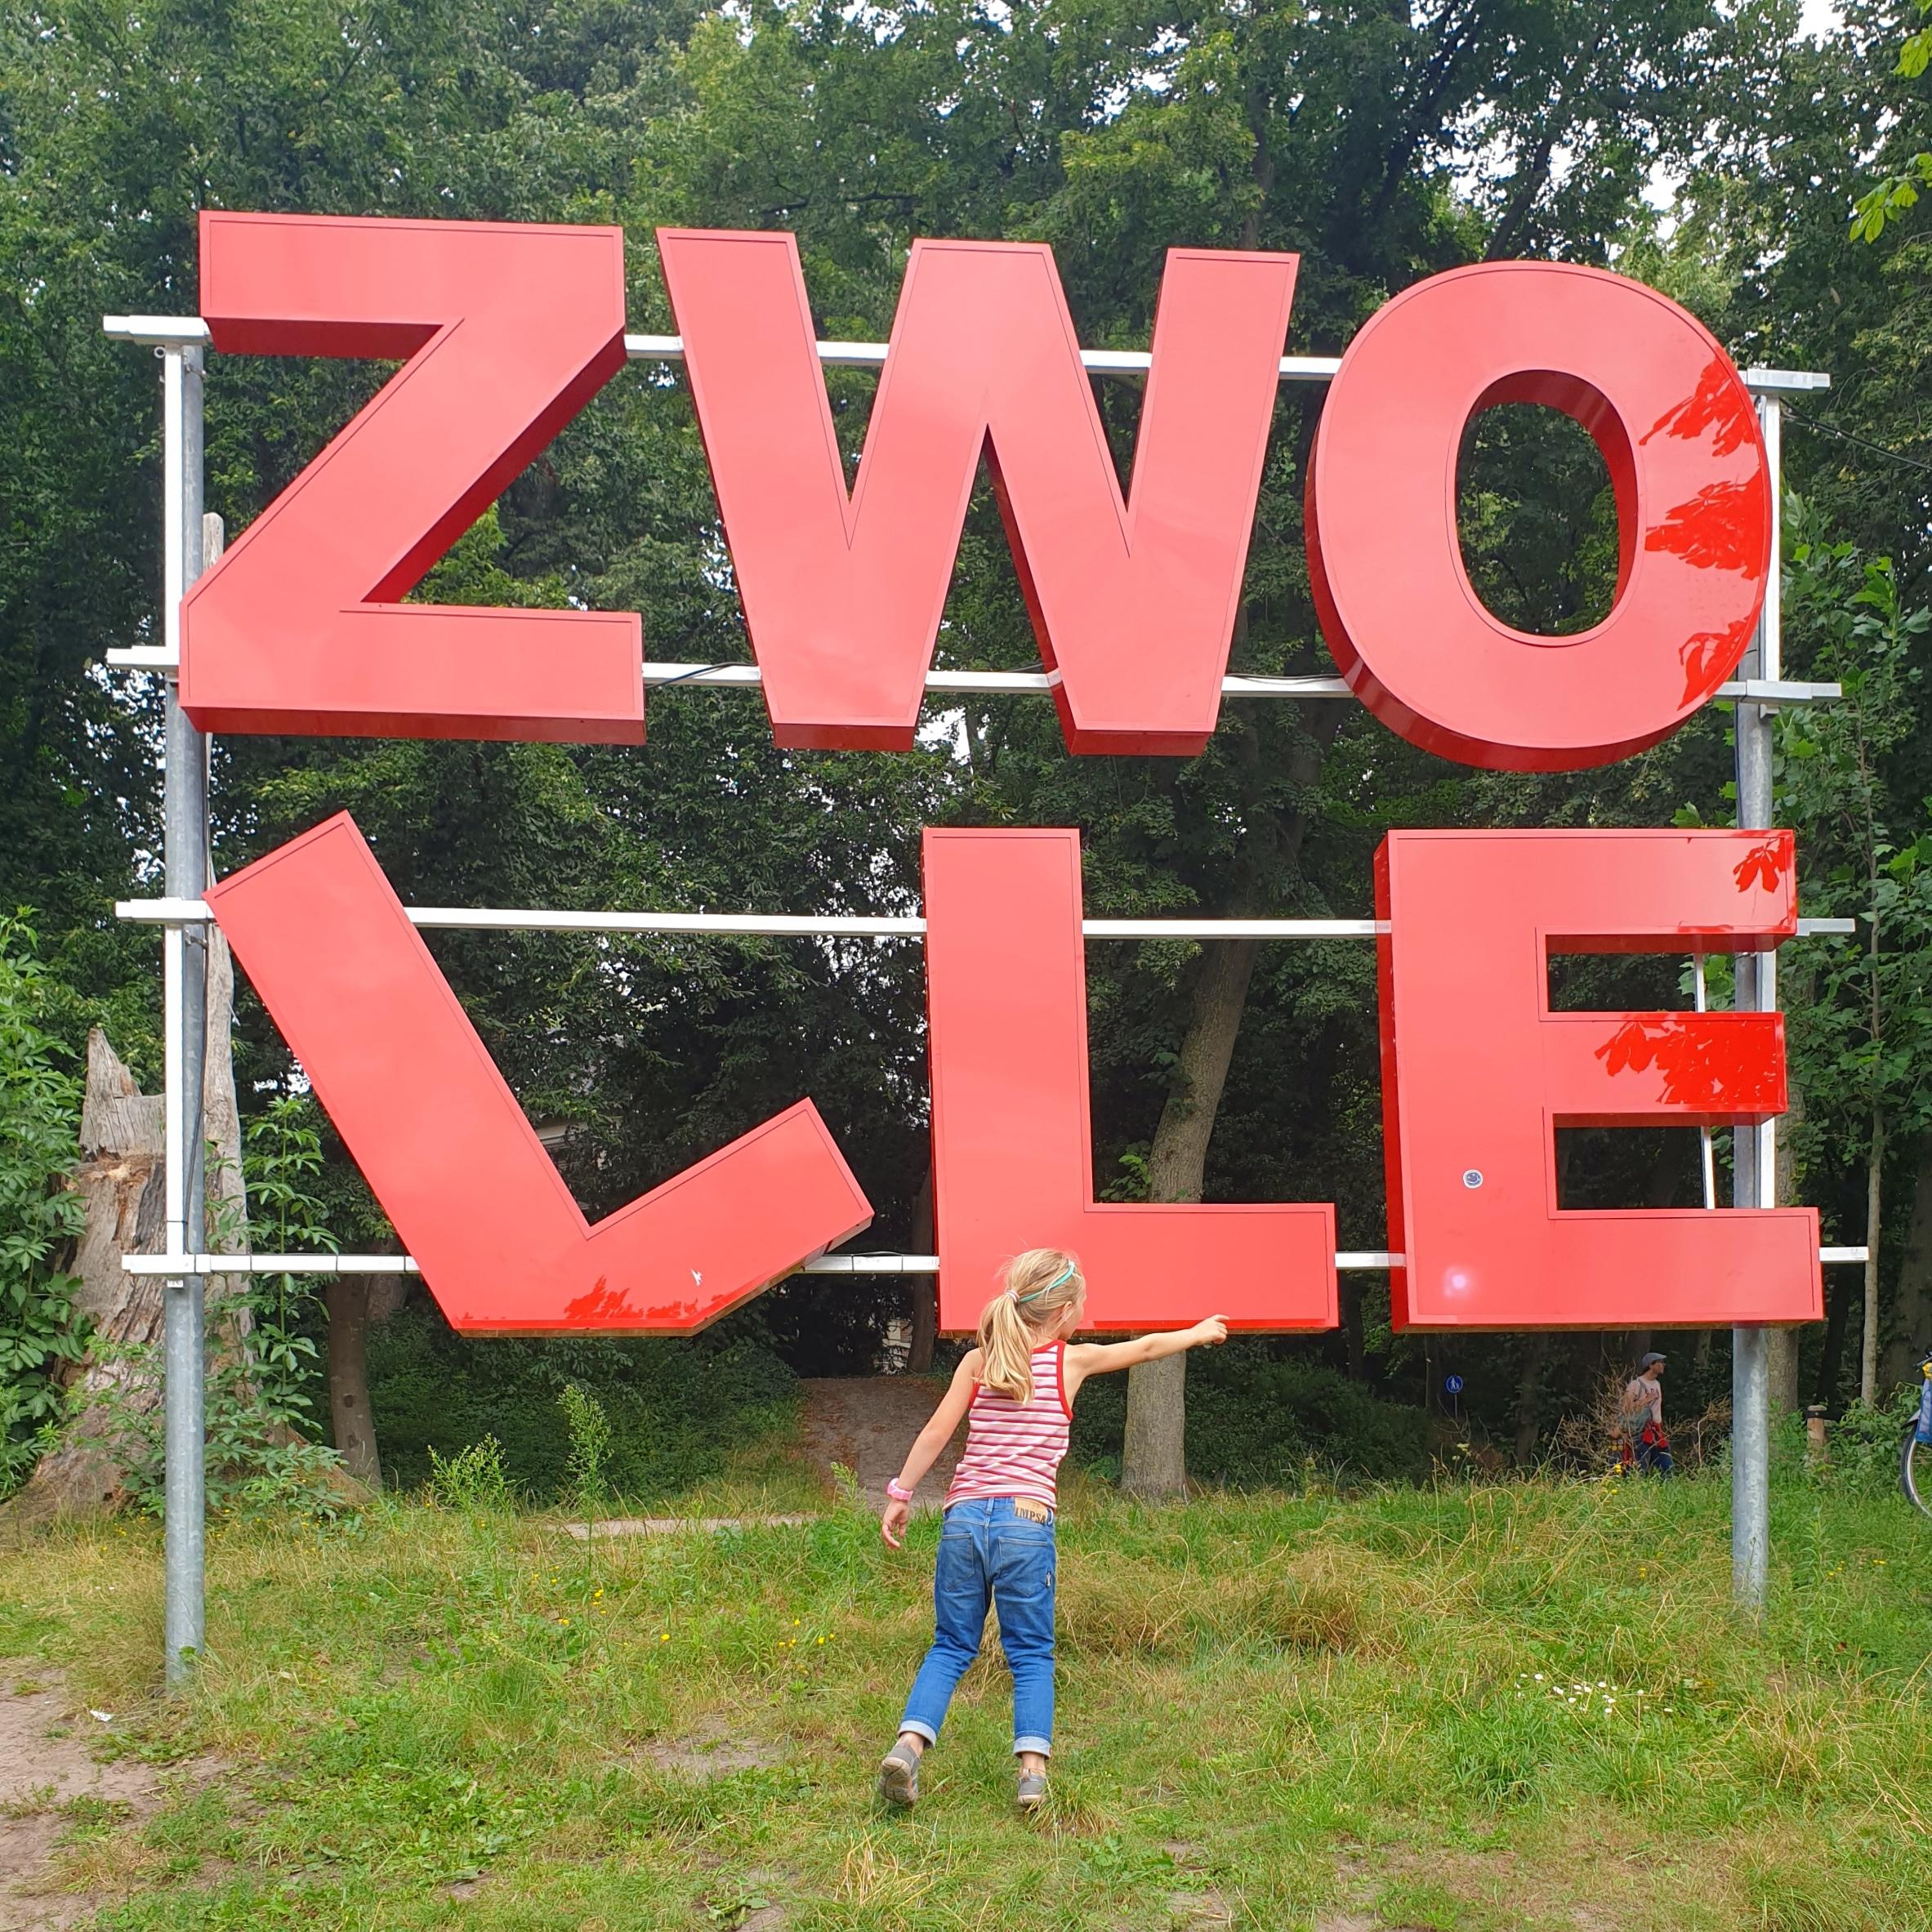 Citytrip met kinderen naar Zwolle. Wat een leuke stad is Zwolle! Deze zomer bezochten we de stad tijdens onze kampeervakantie. We gaan zeker terug, wat een leuke stad. Dit zijn onze tips voor een citytrip naar Zwolle.